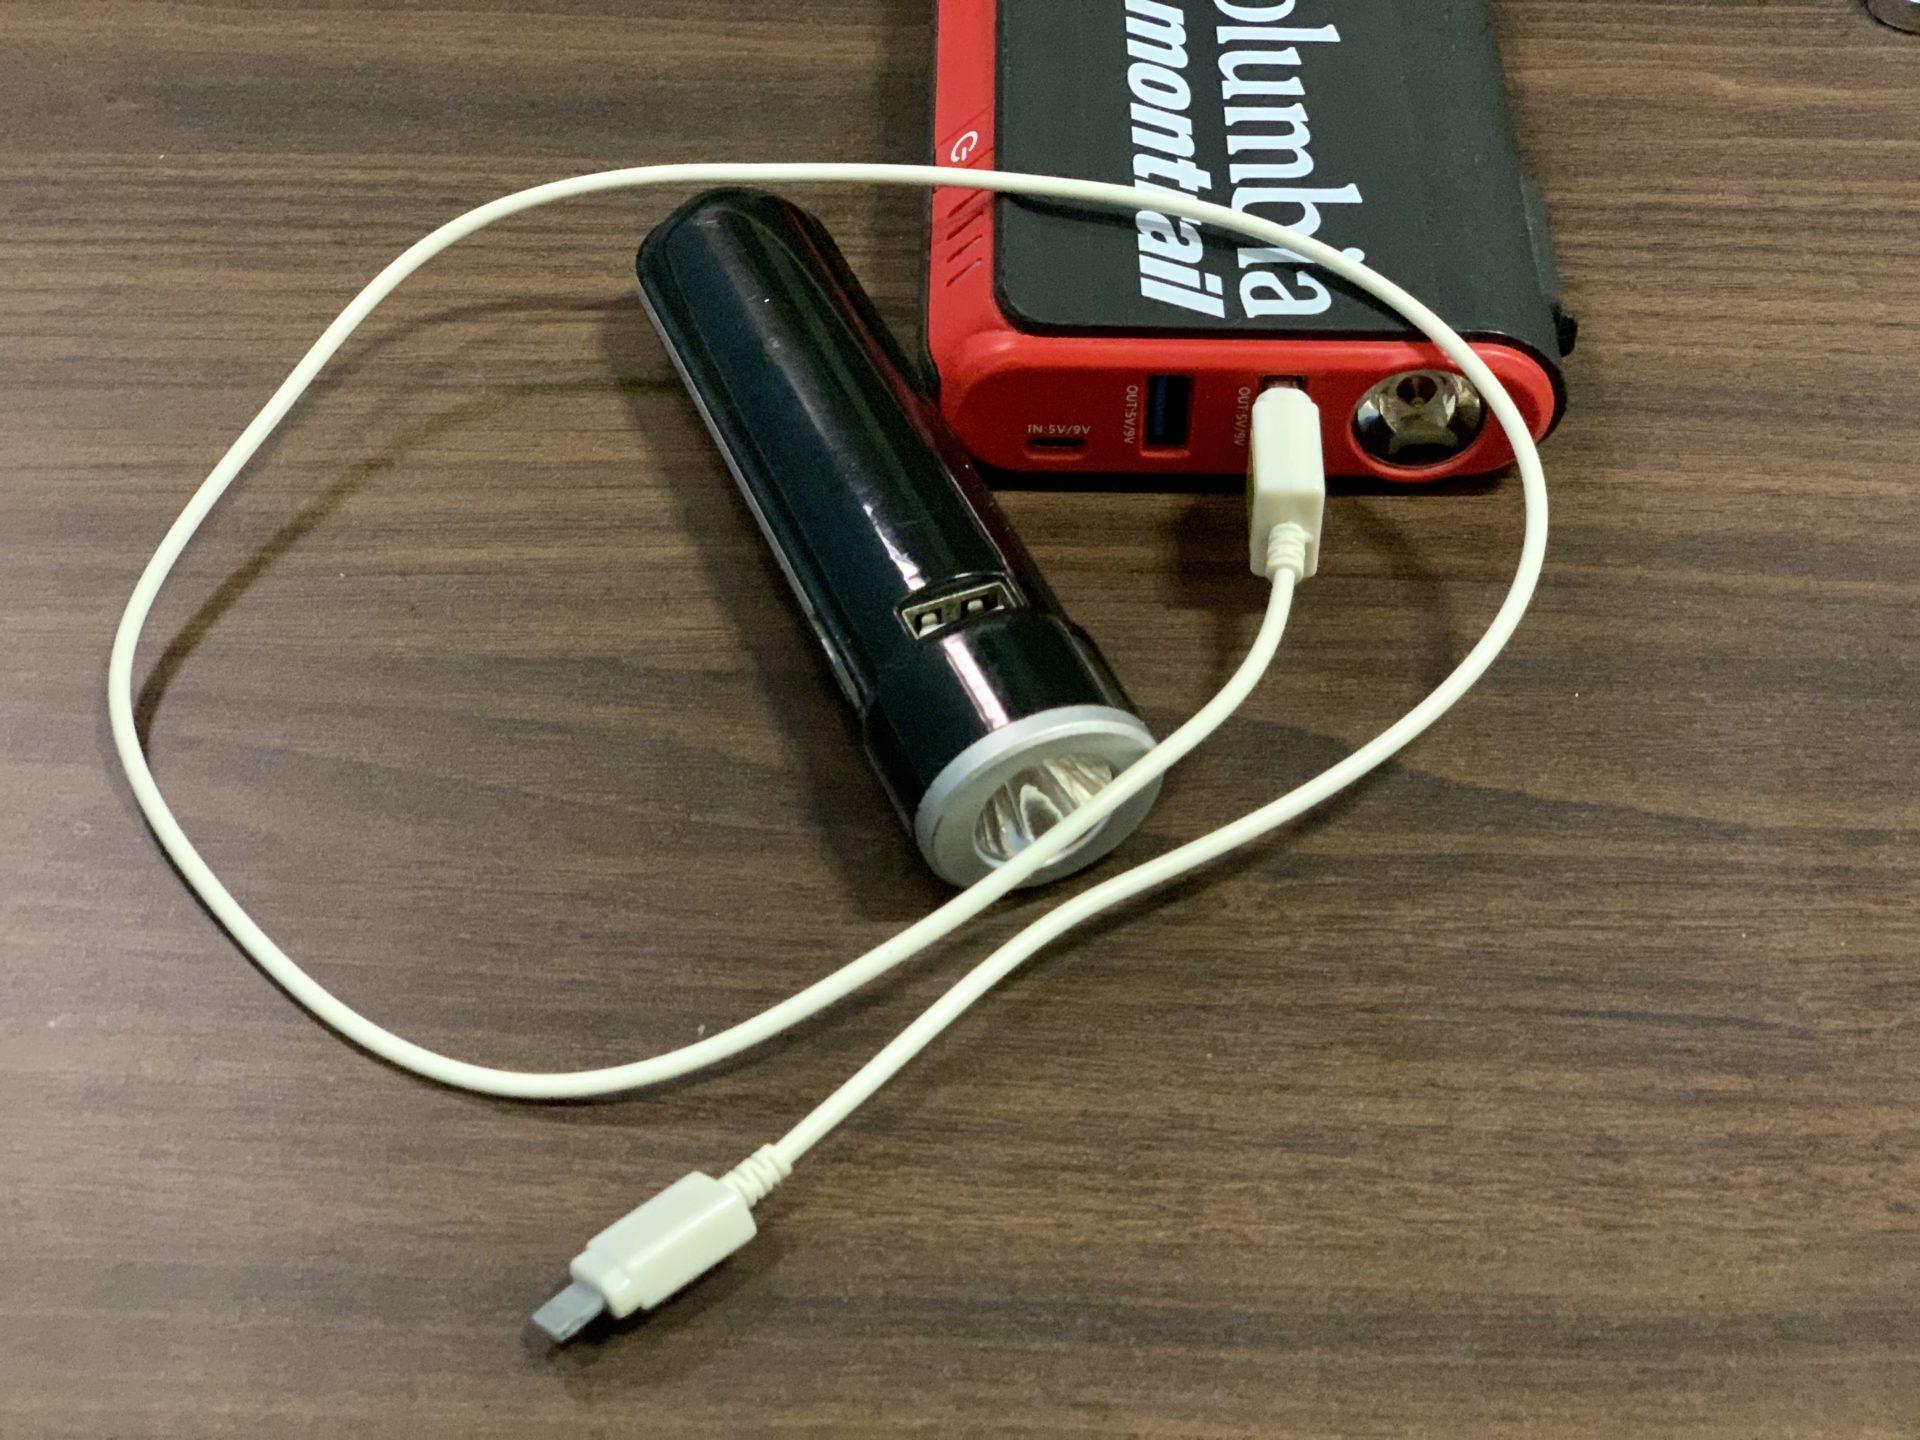 モバイルバッテリーを携帯してのランニング